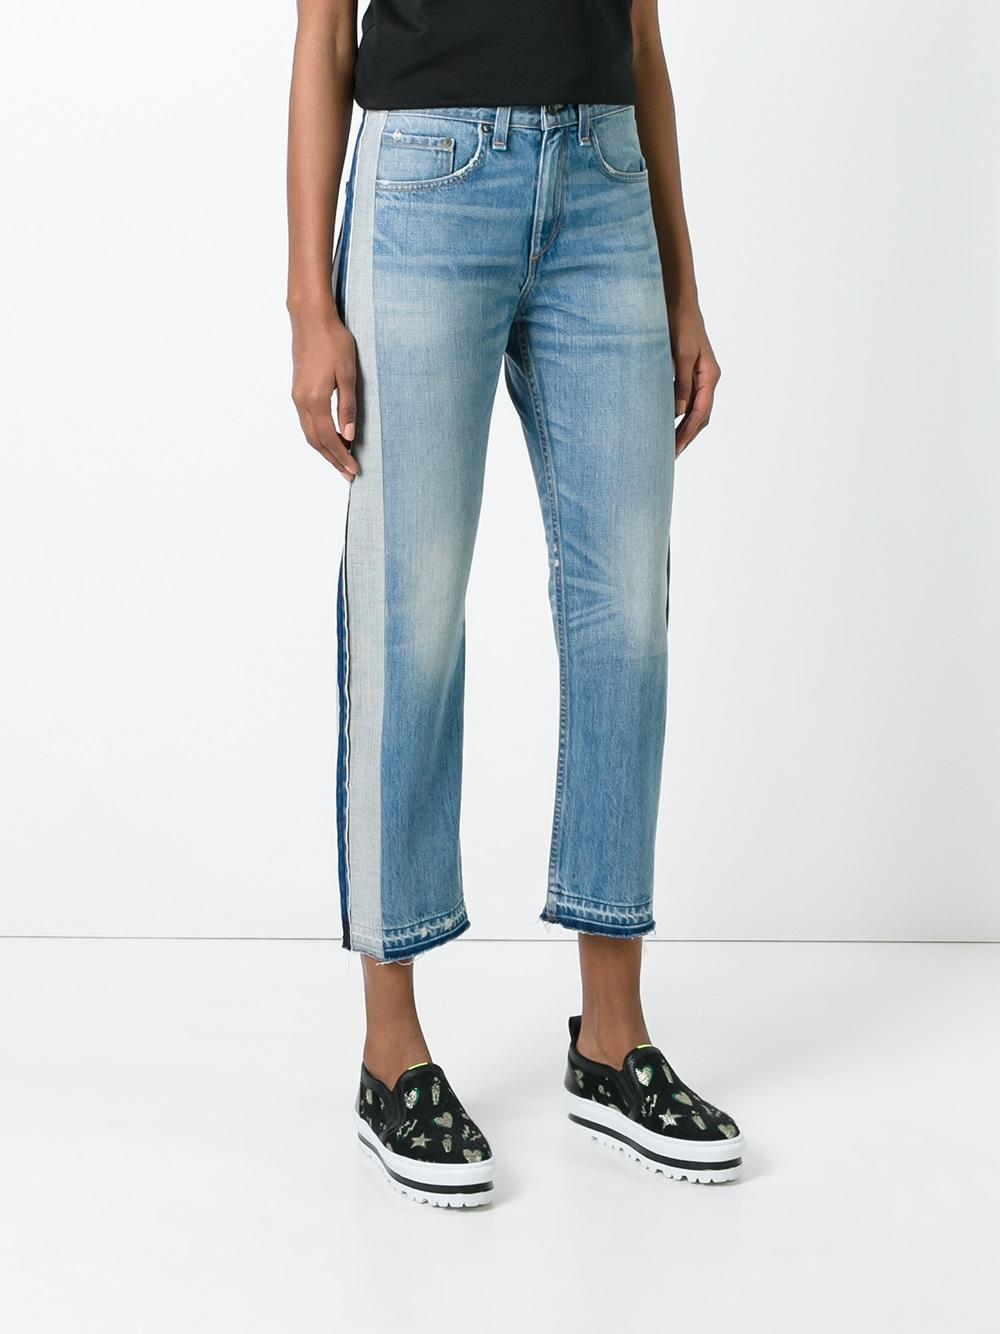 Rag & Bone Denim Striped Trim Cropped Jeans in Blue